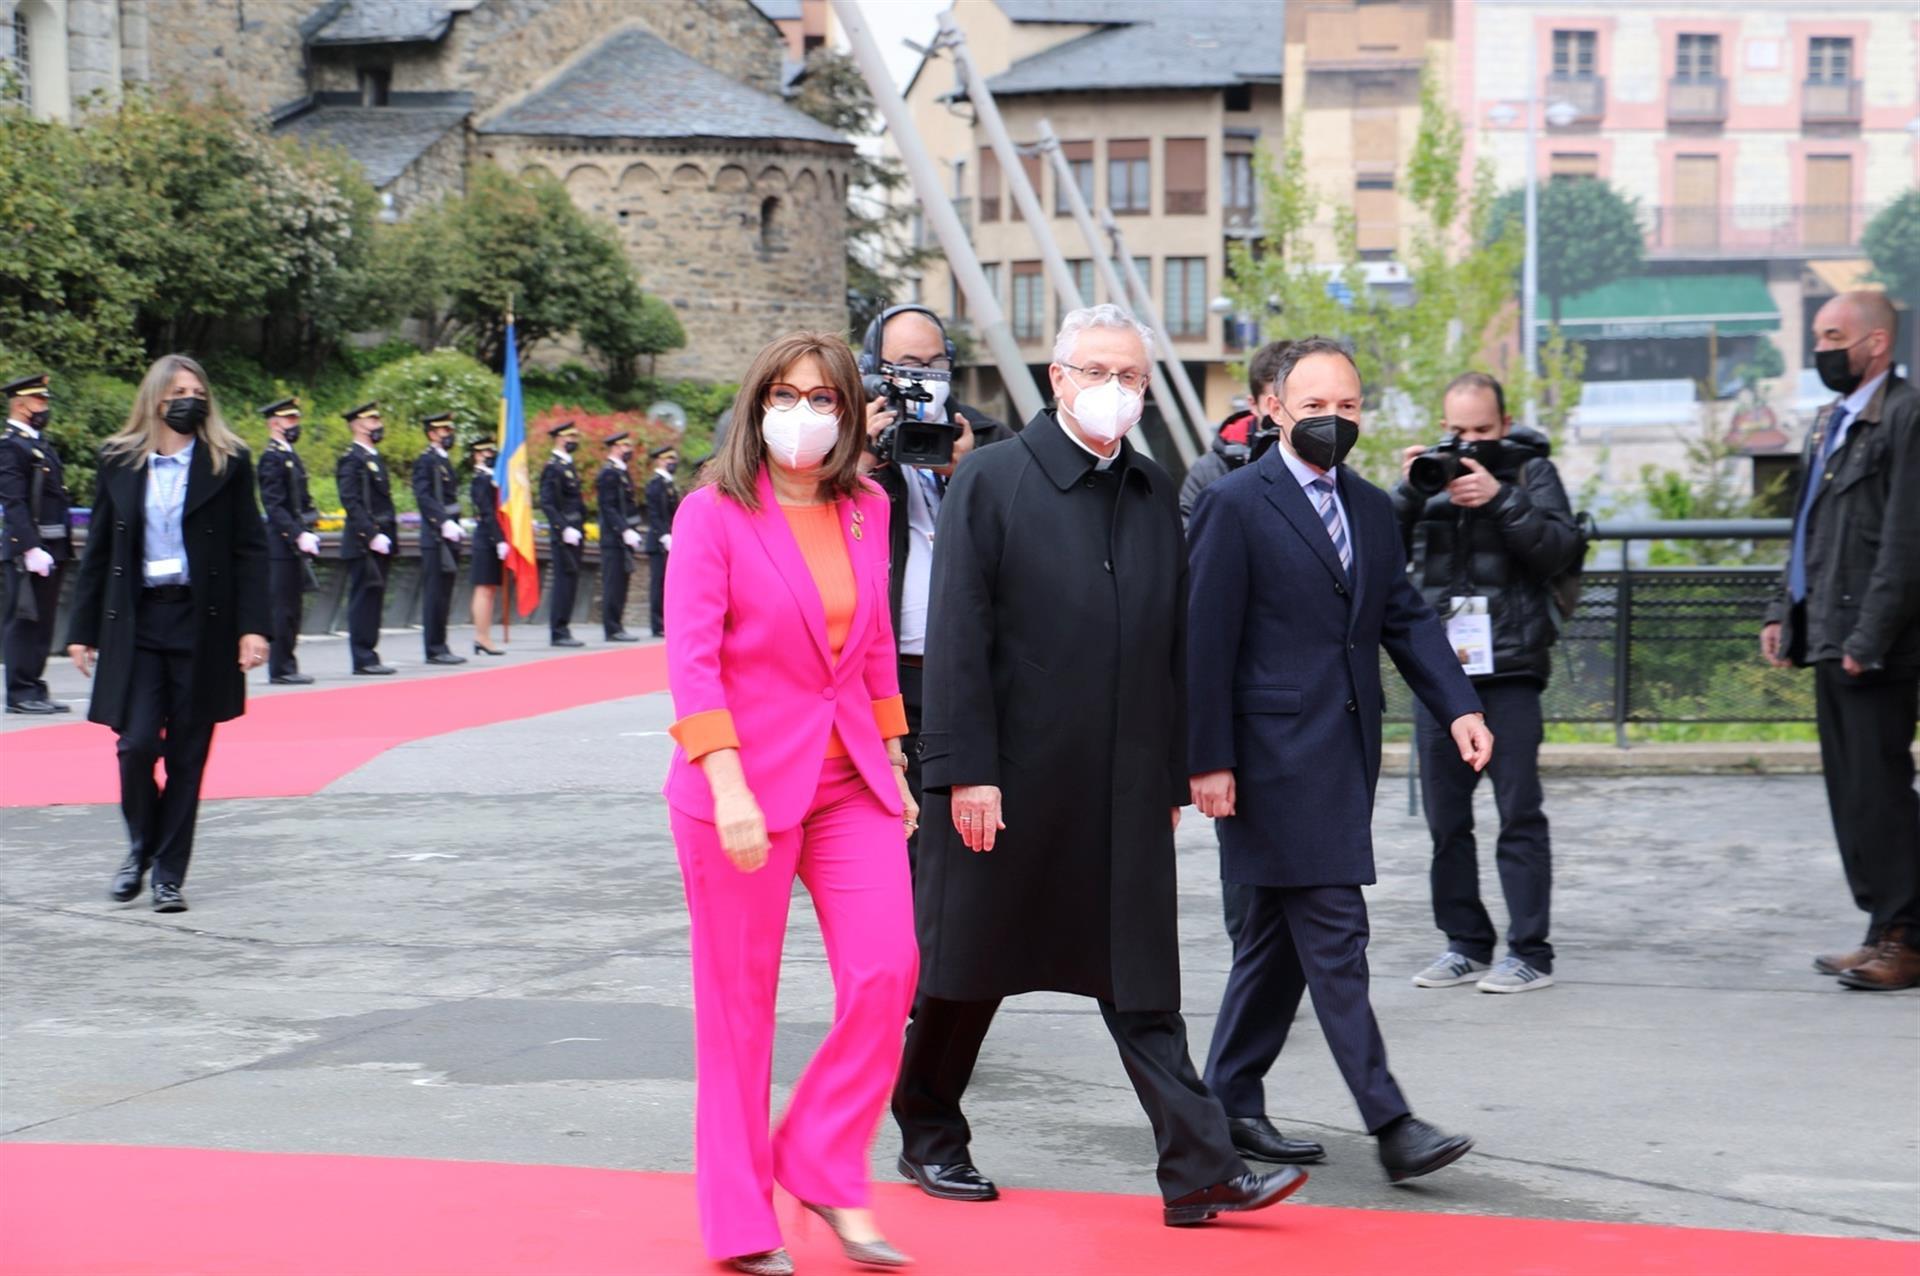 Copríncipe y Jefe Gobierno de Andorra reciben jefes de Estado que participan presencialmente en la Cumbre.